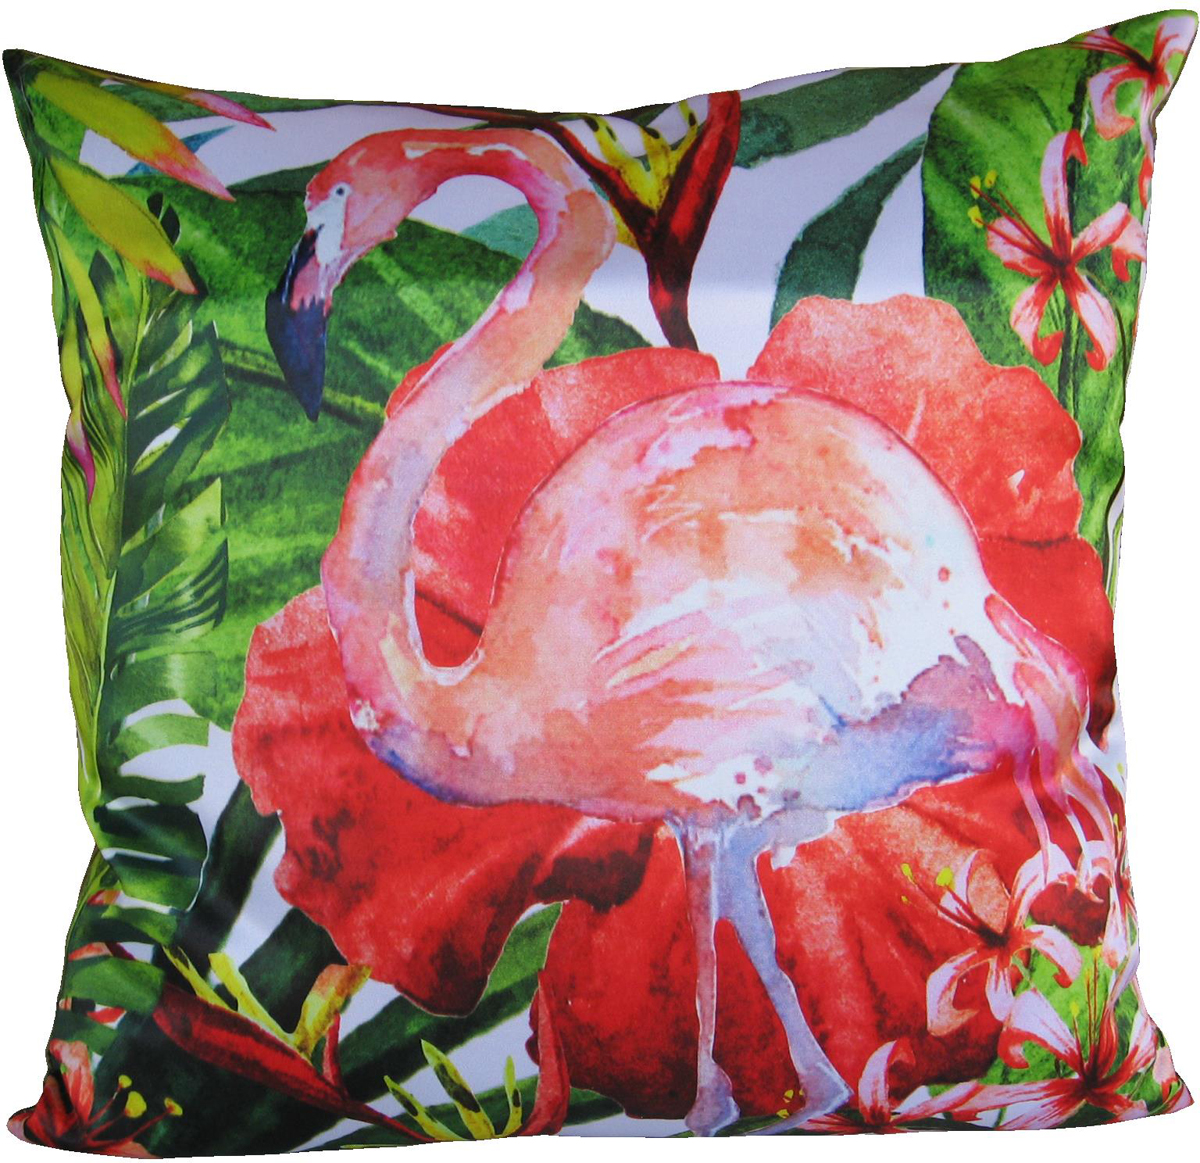 Подушка декоративная GiftnHome Фламинго, цвет: красный, 35 х 35 смPLW-35 FlamingoПодушка декоративная GiftnHome Фламинго прекрасно дополнит интерьер спальни или гостиной. Чехол подушки выполнен из атласа (искусственный шелк) и оформлен изысканным орнаментом. В качестве наполнителя используется мягкий холлофайбер. Чехол снабжен потайной застежкой-молнией, благодаря чему его легко можно снять и постирать. Красивая подушка создаст атмосферу уюта в доме и станет прекрасным элементом декора.